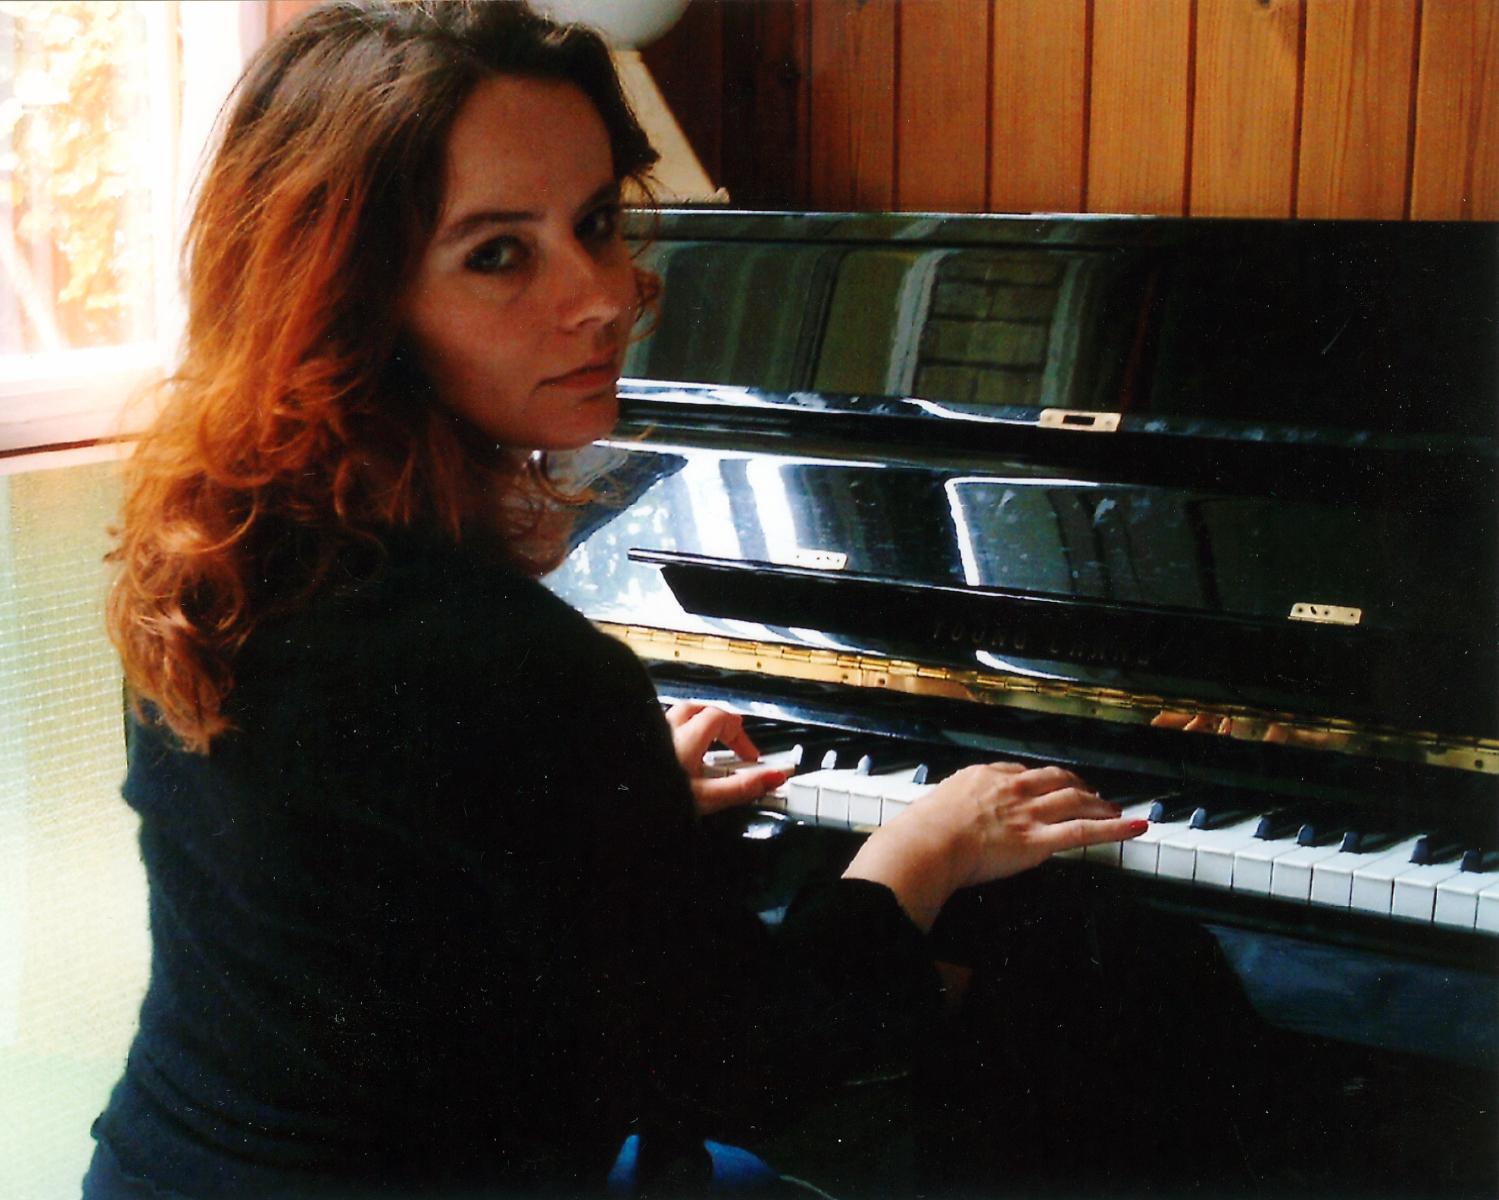 Lorna at the Piano - 2003